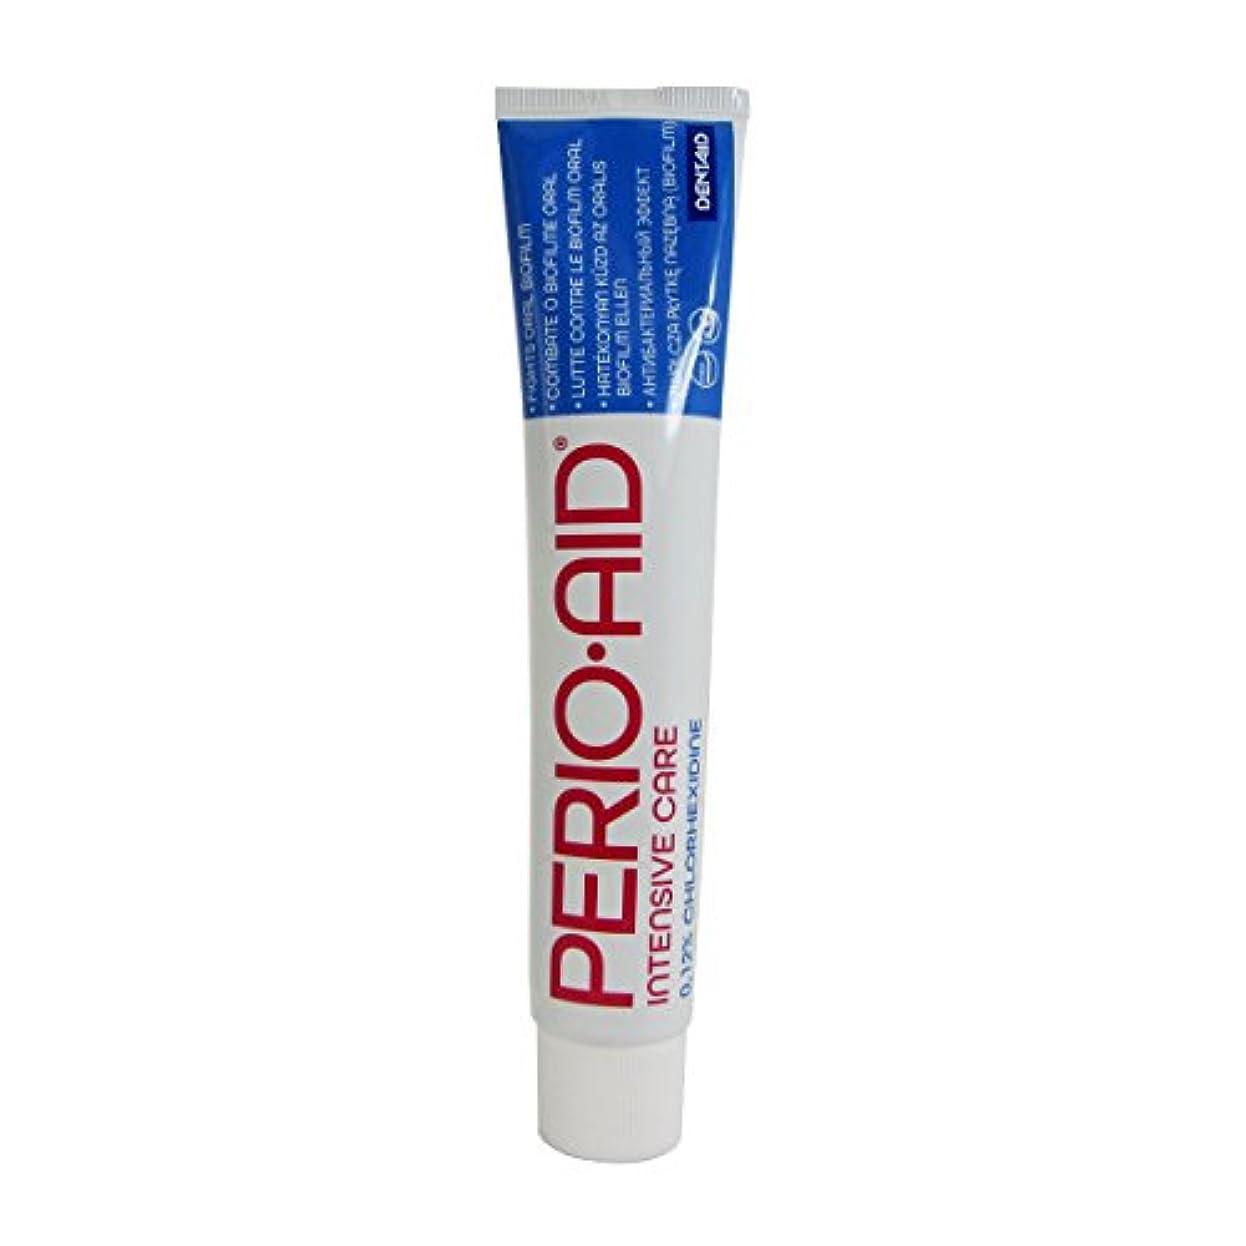 アカデミー指令メタルラインPerio-aid Treatment Gel Toothpaste 75ml [並行輸入品]